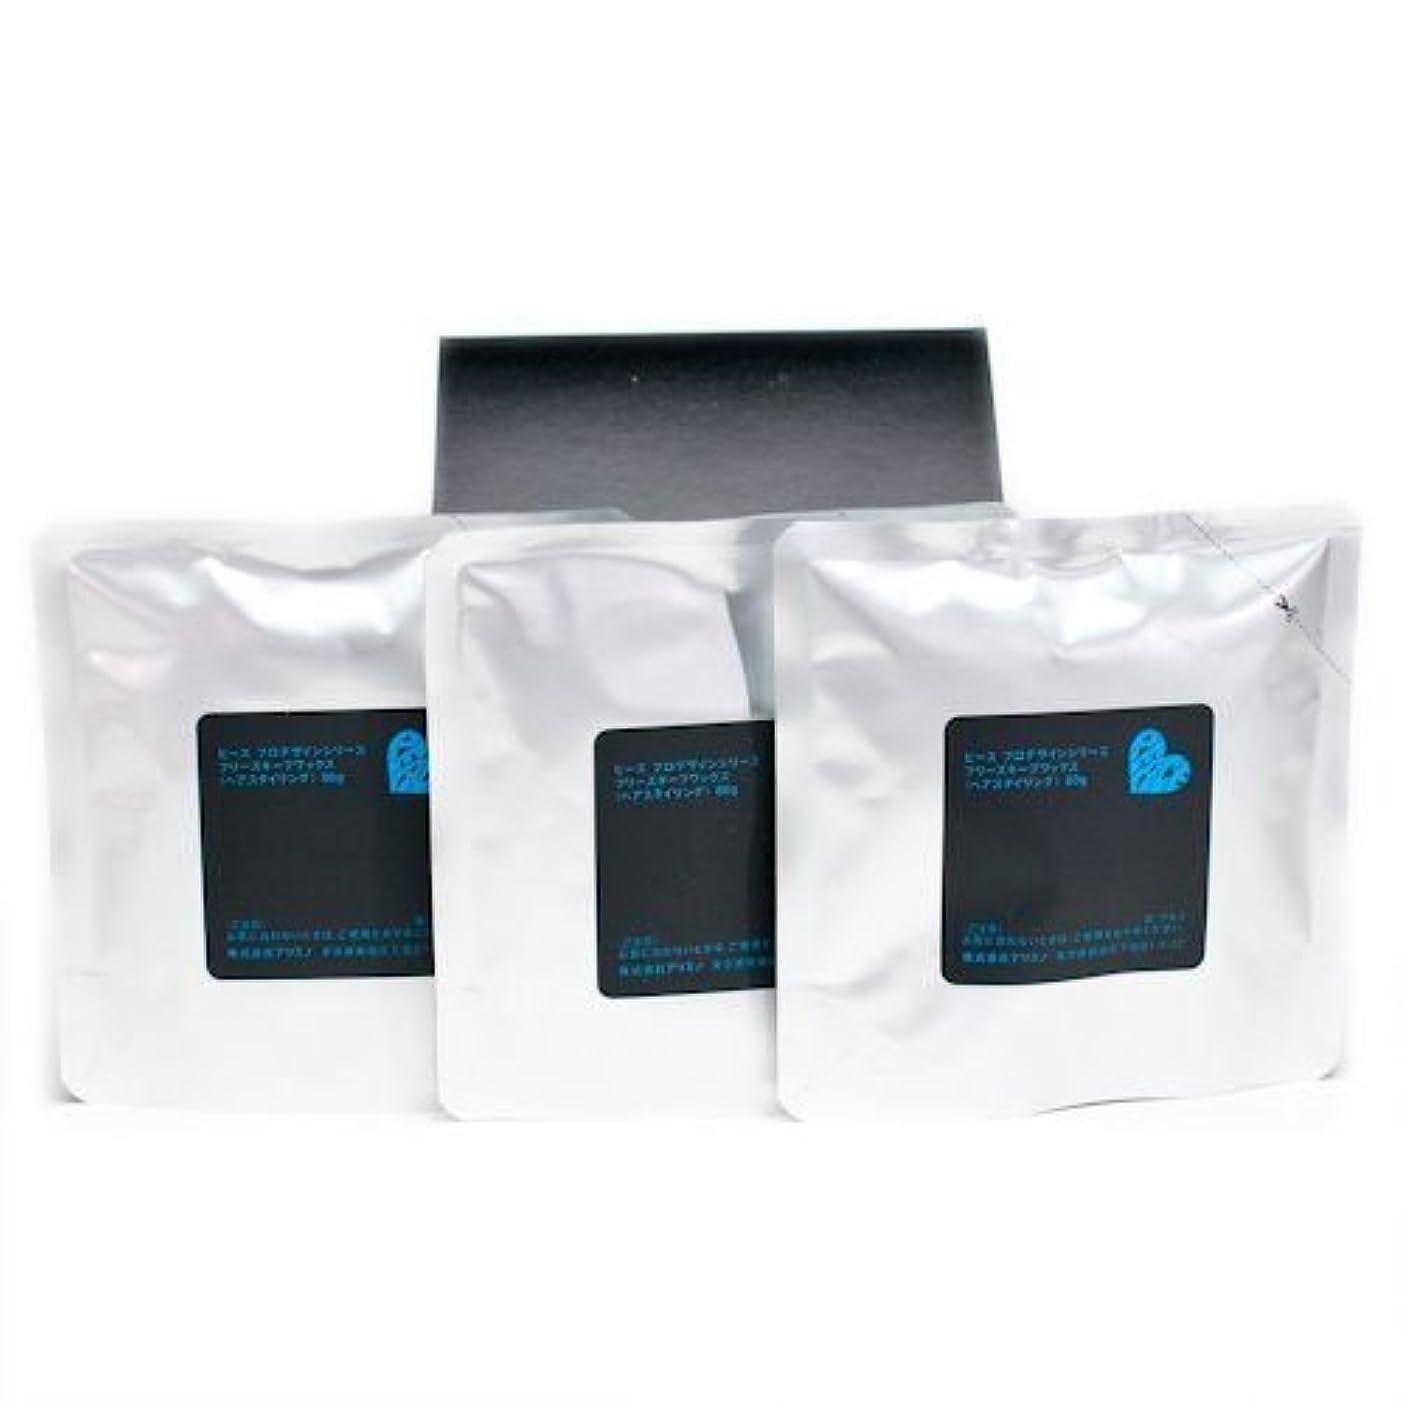 確認するぺディカブ魅力アリミノ ピース プロデザイン フリーズキープワックス80g×3個 ×2個 セット 詰め替え用 arimino PEACE